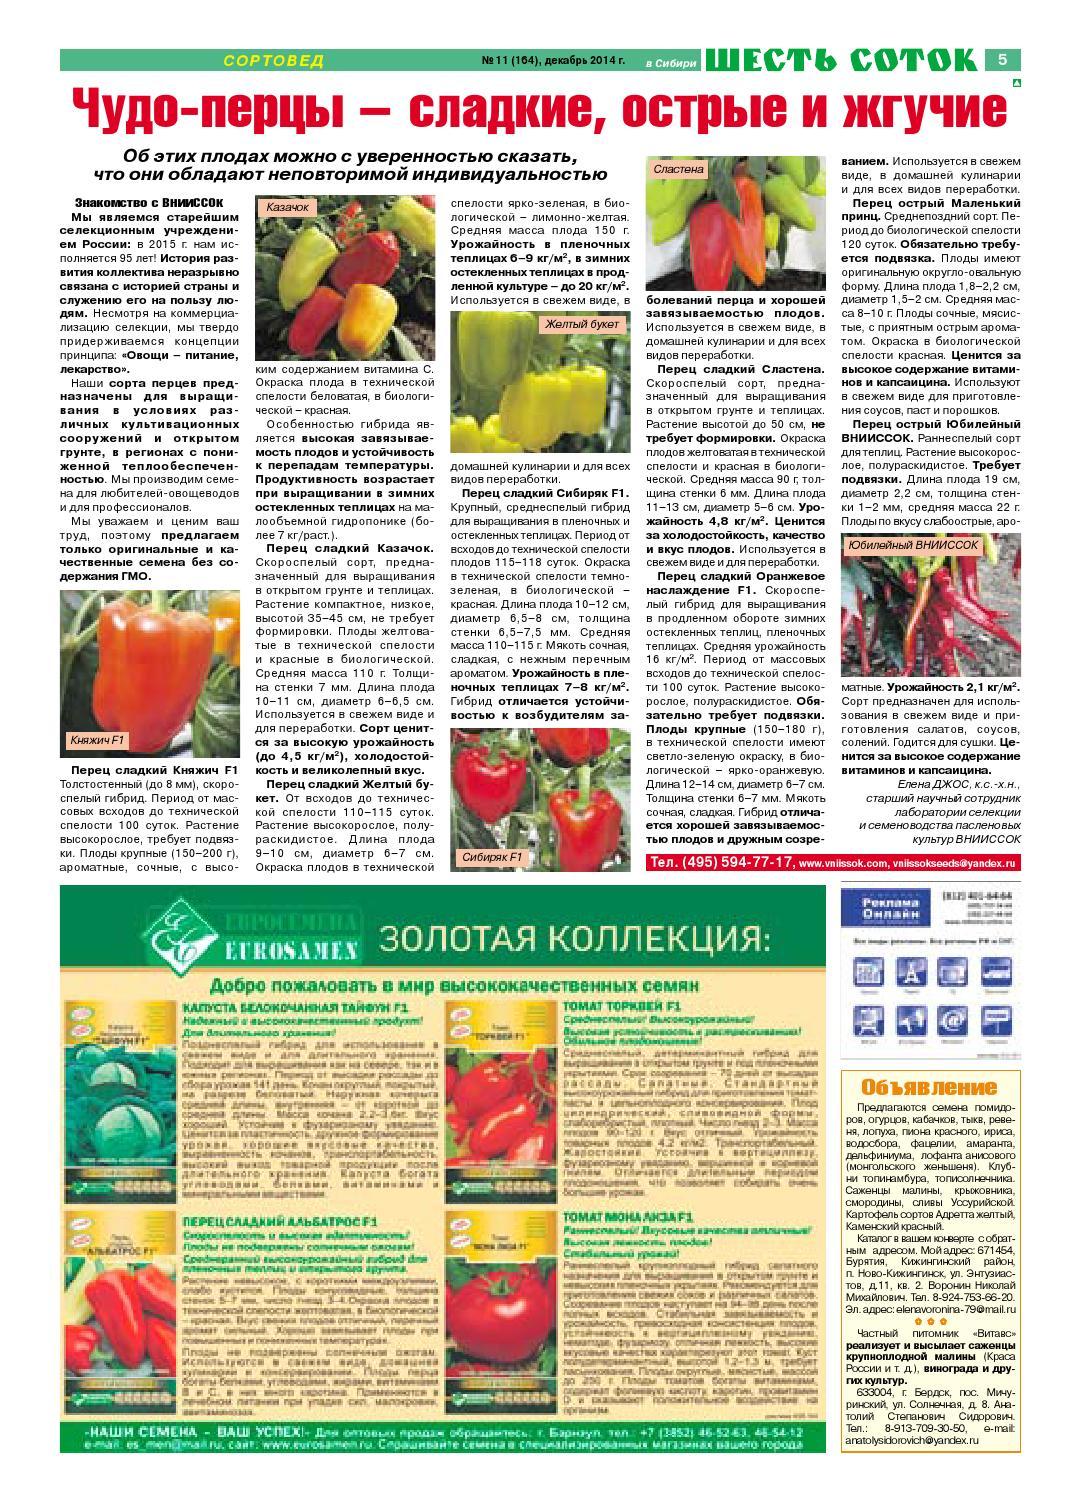 Ранние урожаи крупных и товарных плодов — перец ливадия f1: характеристика и описание сорта